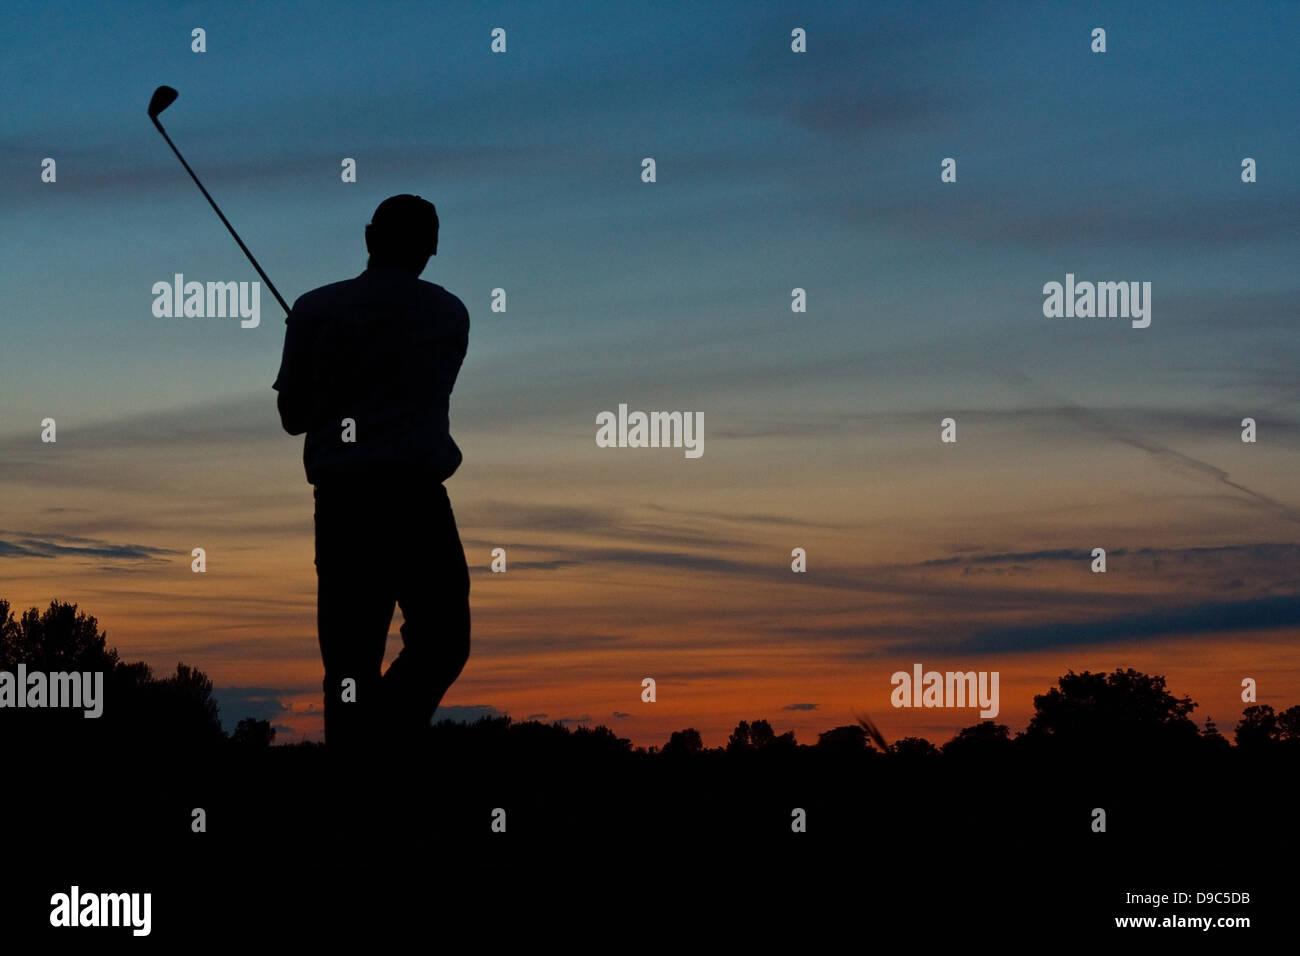 Silhouette di un giocatore di golf solitario finitura di una partita a golf al crepuscolo Immagini Stock